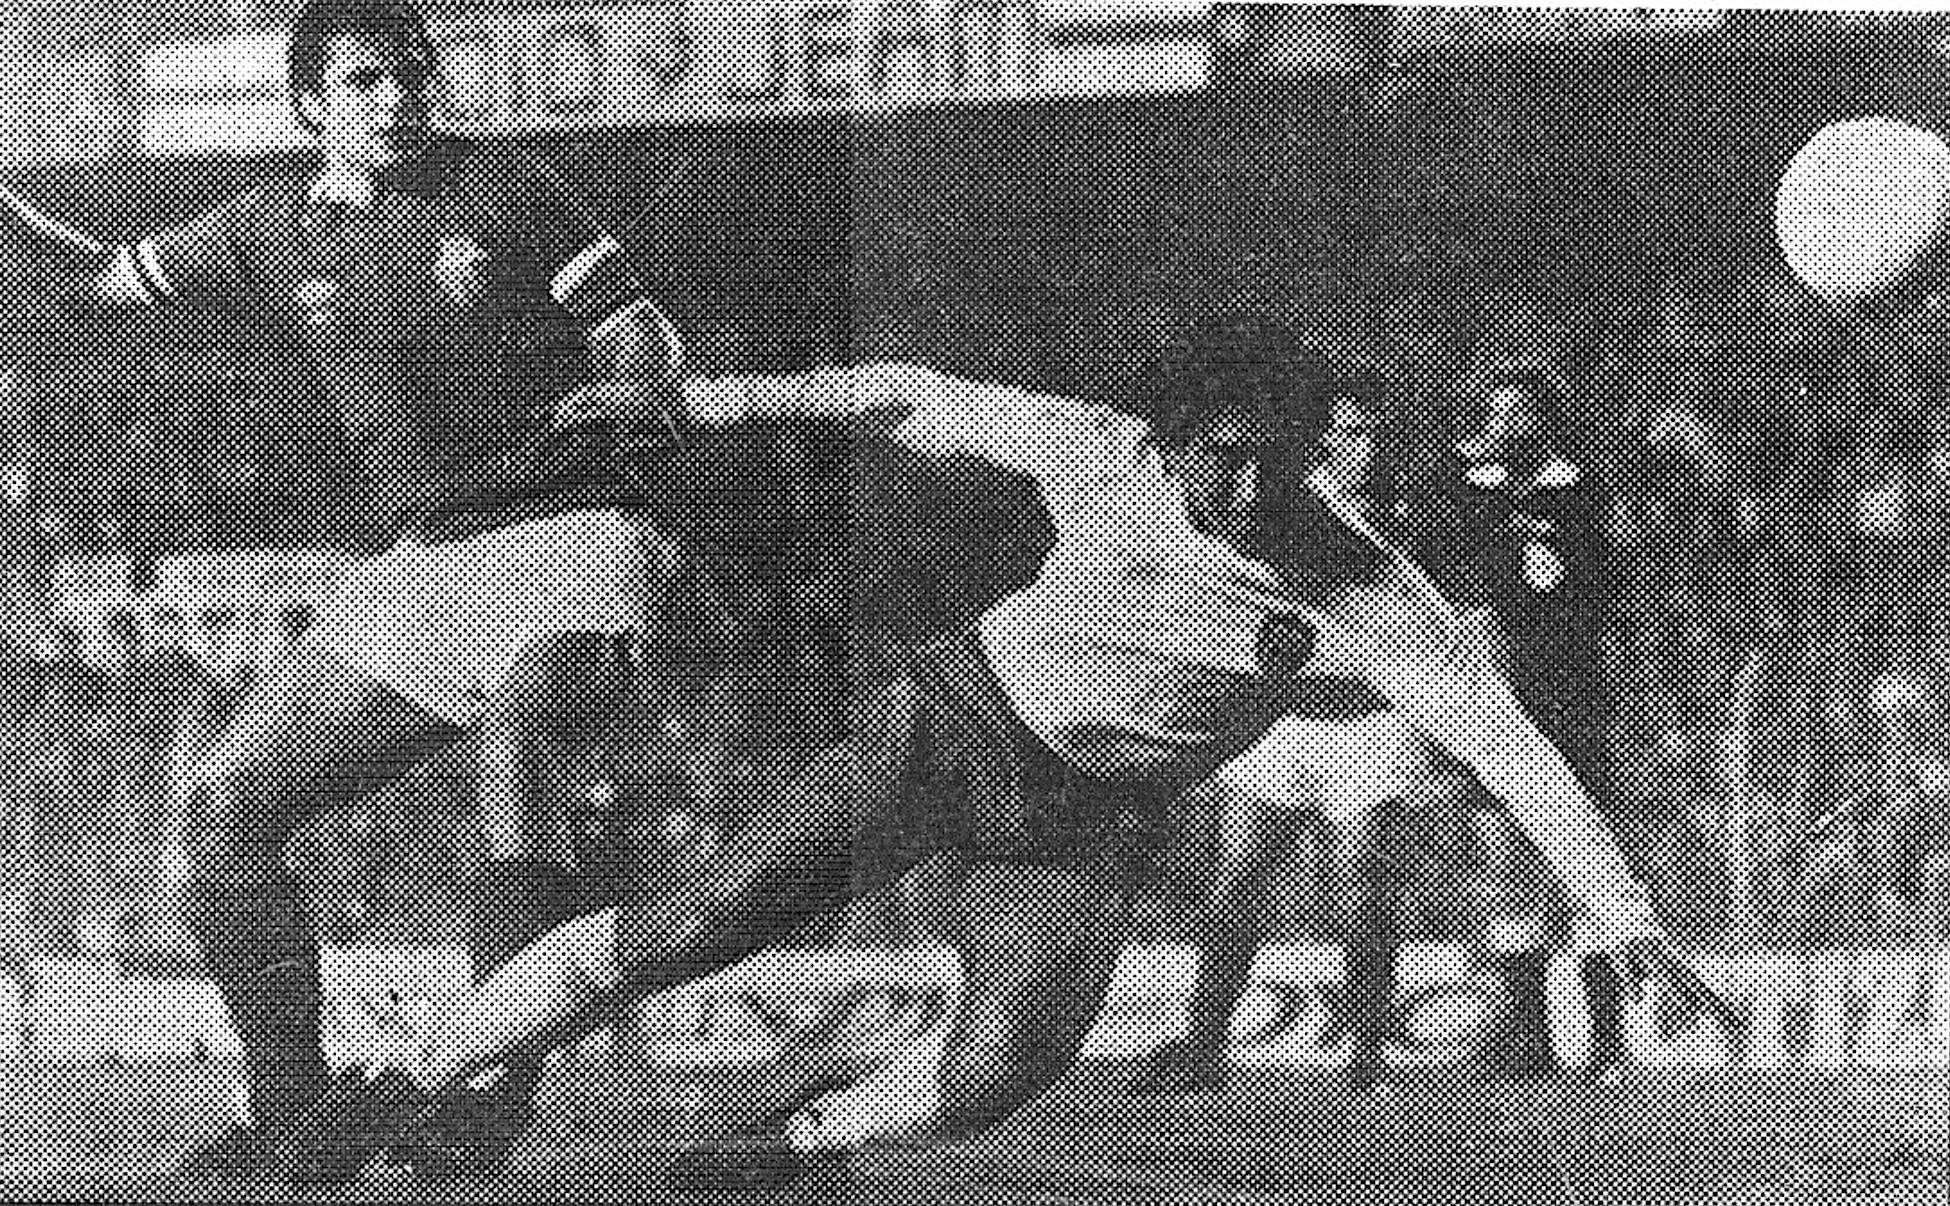 24.10.1979: Valencia CF 1 - 1 Glasgow Rang.